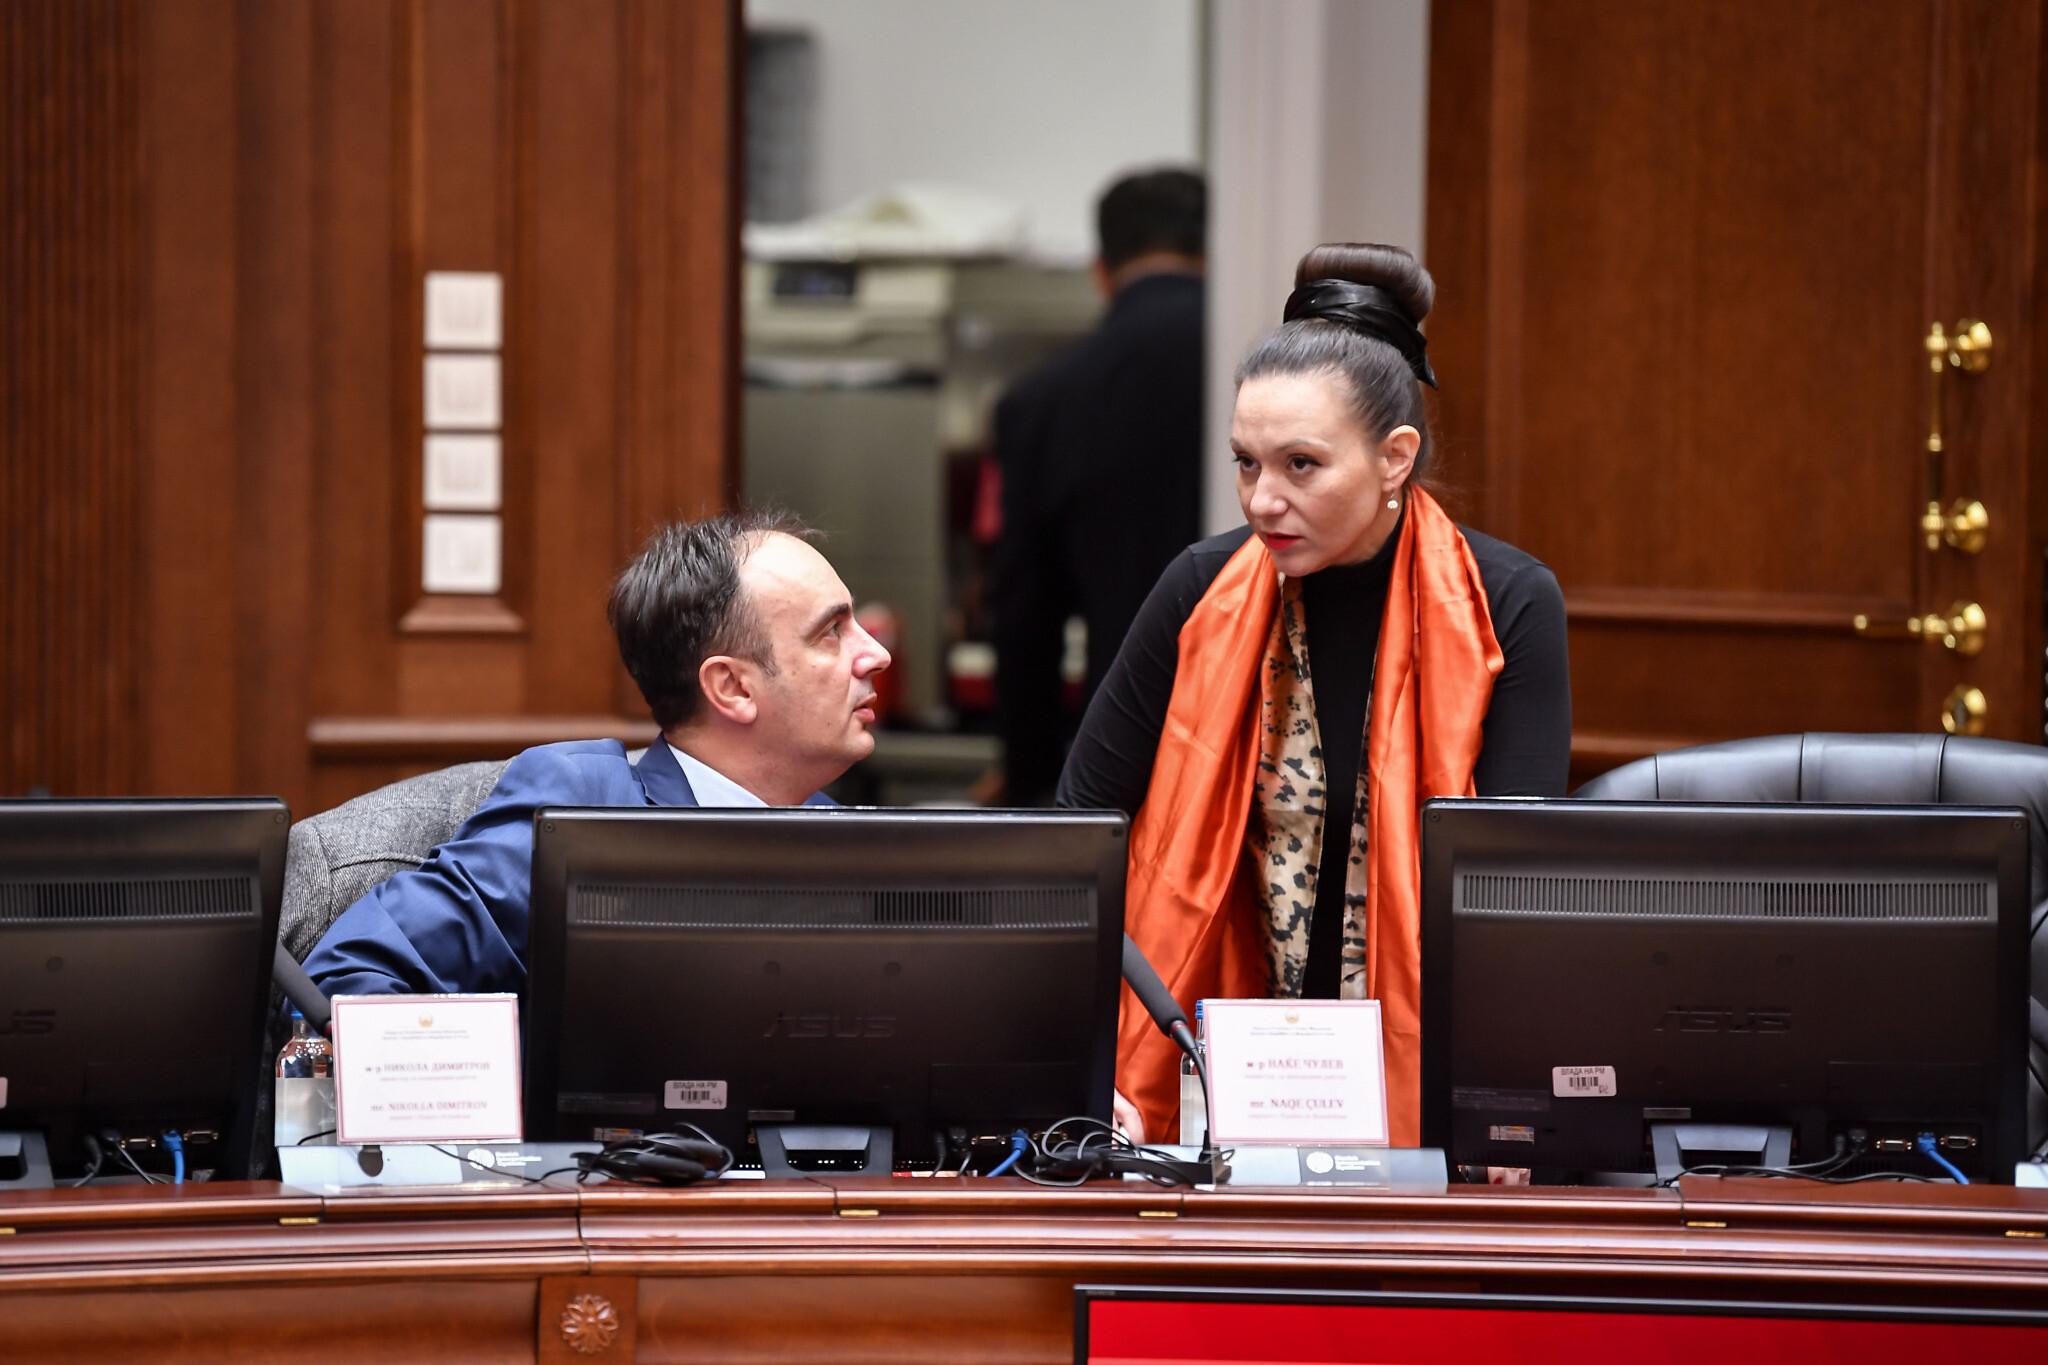 Rasela Mizrahi, à droite, parle à un collègue pendant une réunion du cabinet à  Skopje, en Macédoine du nord, le 14 janvier 2020. (Autorisation : Parlement de Macédoine du nord/Via JTA)